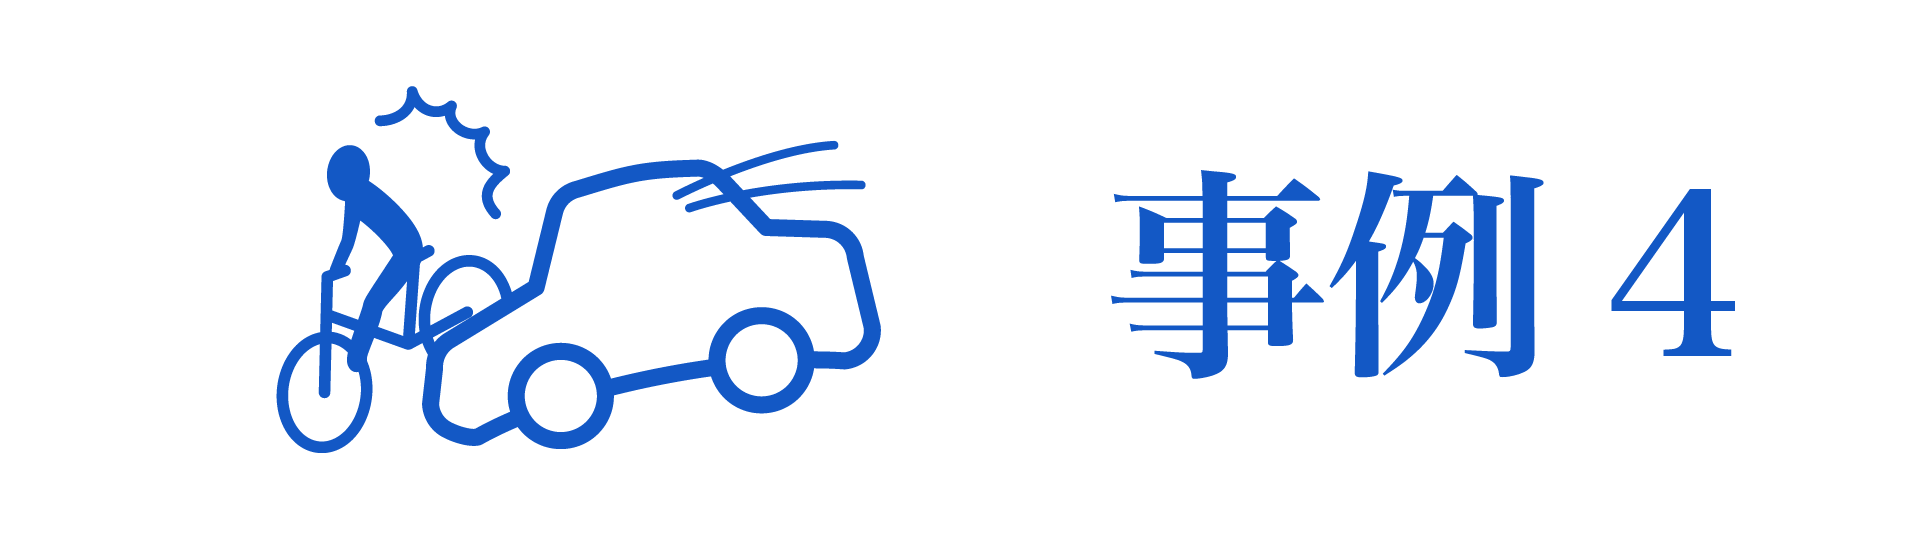 jirei4 21 - 交通事故治療について